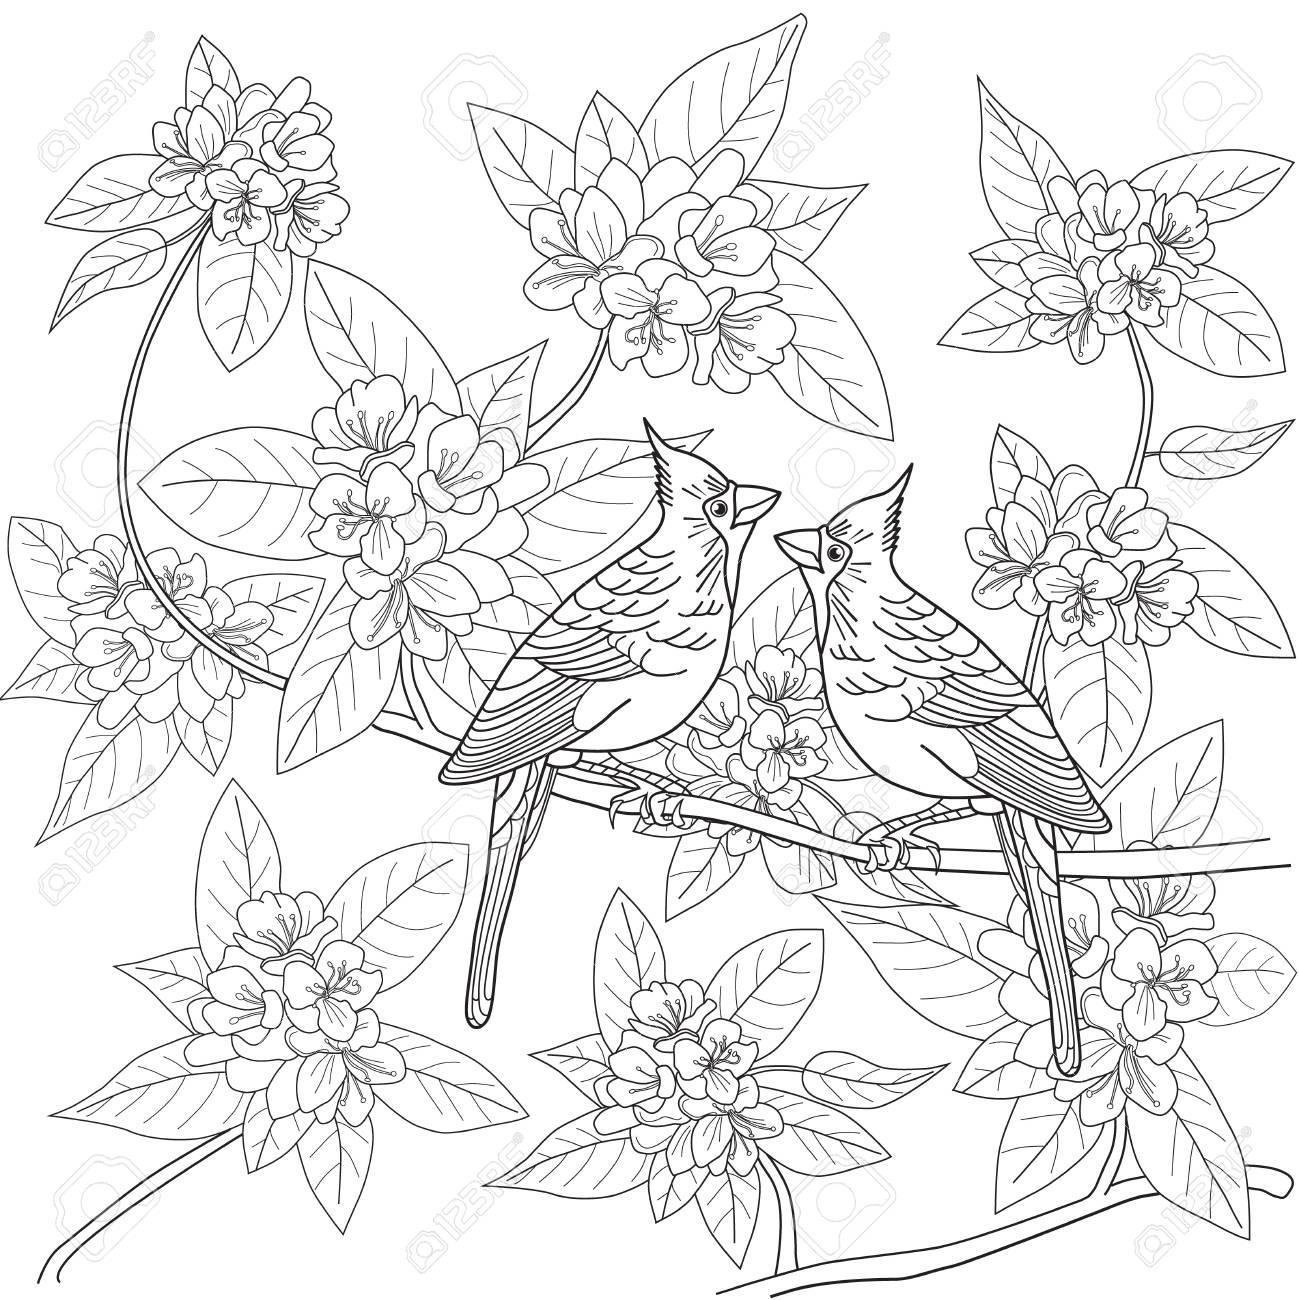 Dibujo Para Colorear Para Los Adultos Con Pájaros Y Flores